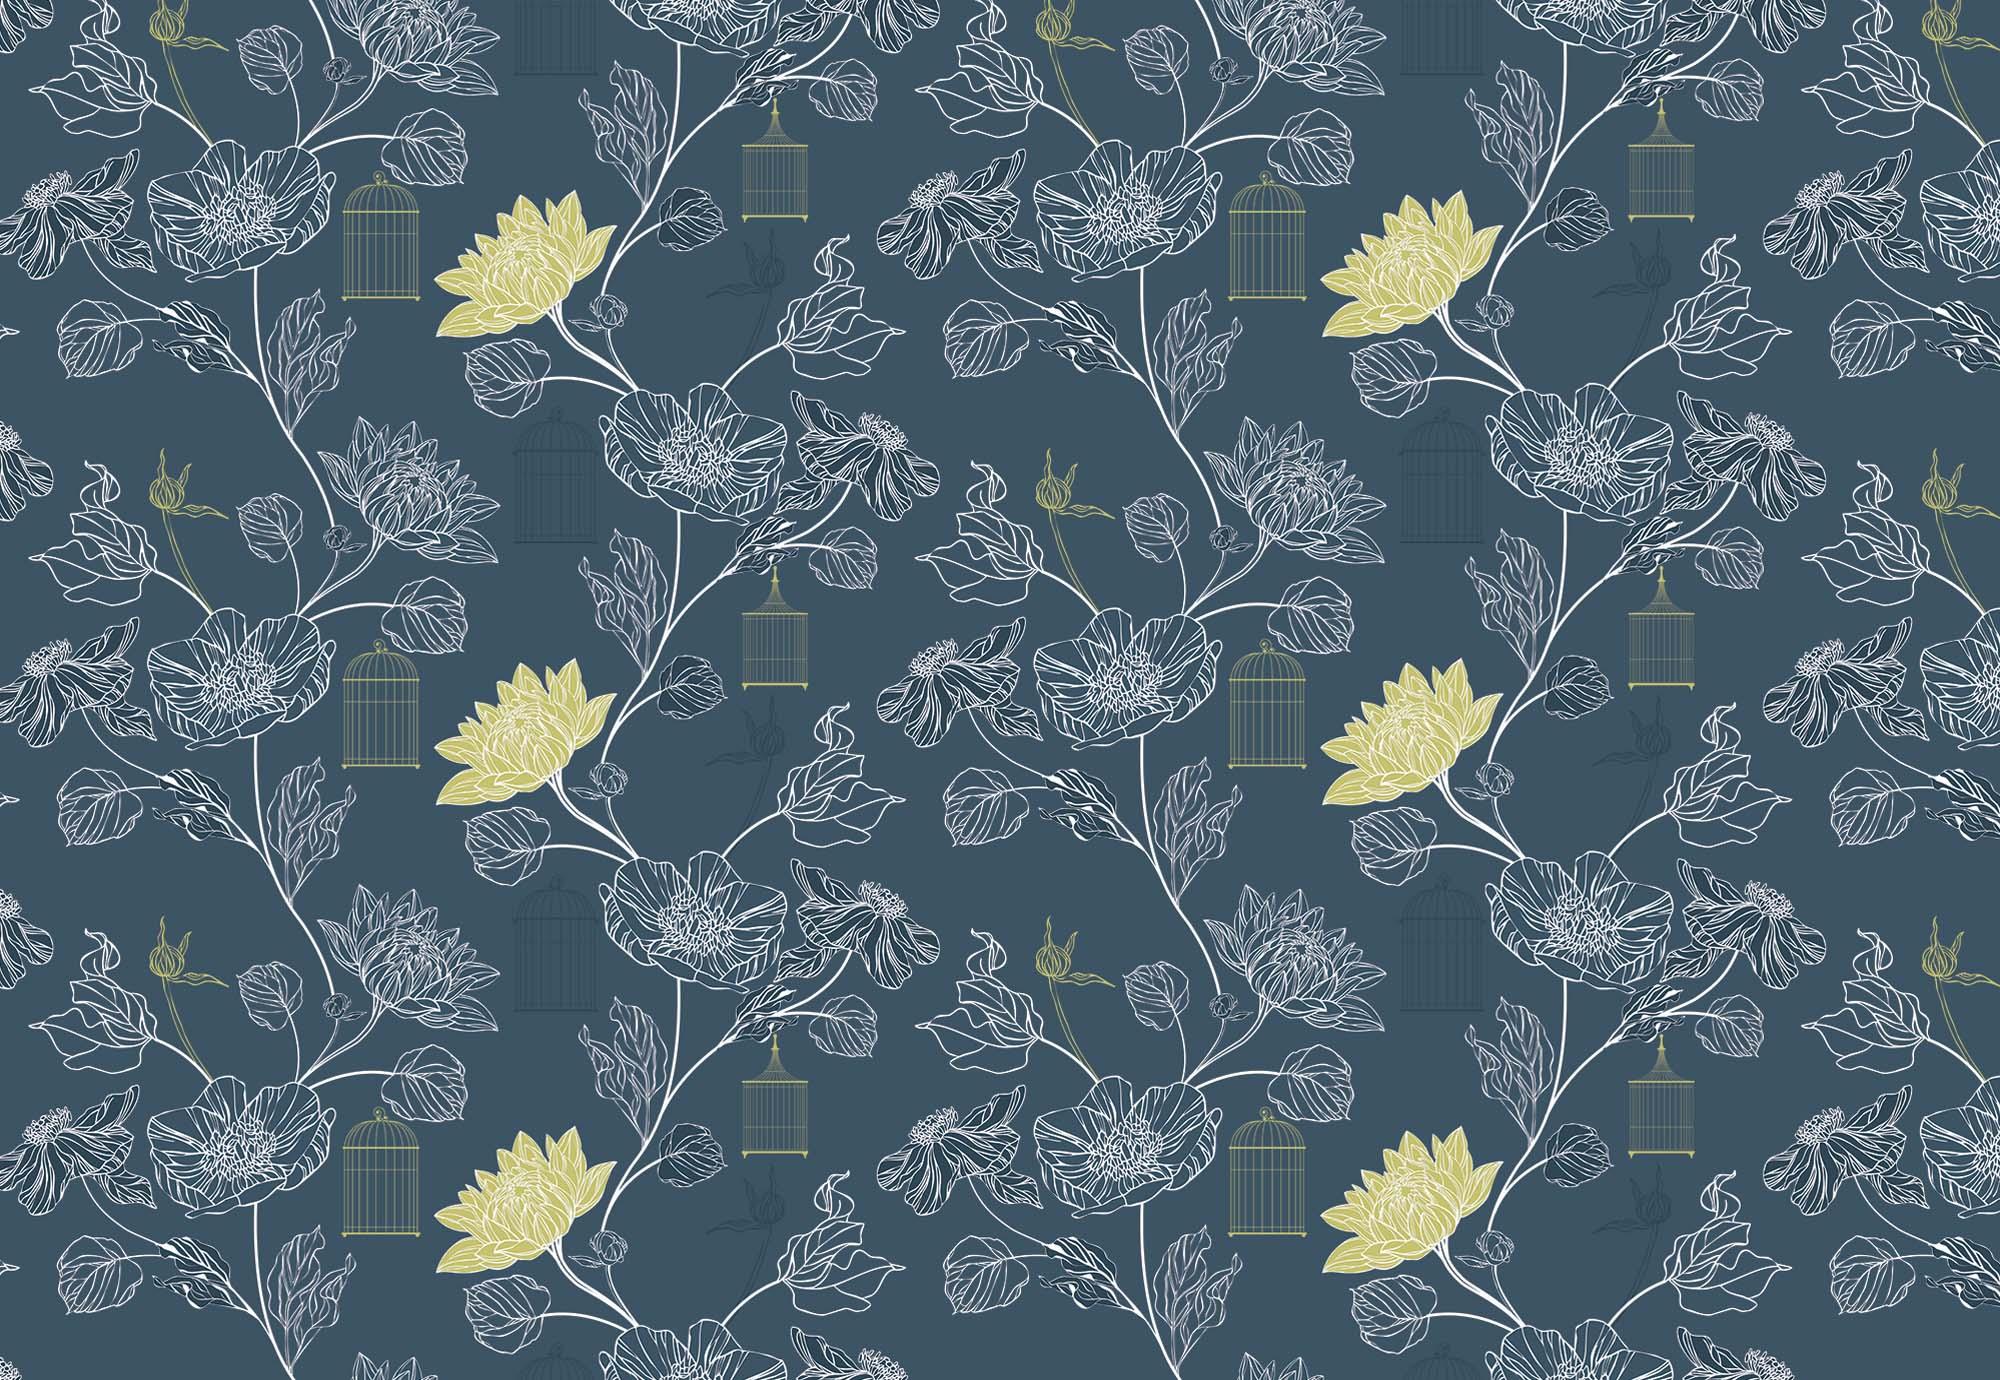 Fali poszter japán stílusban virág mintával